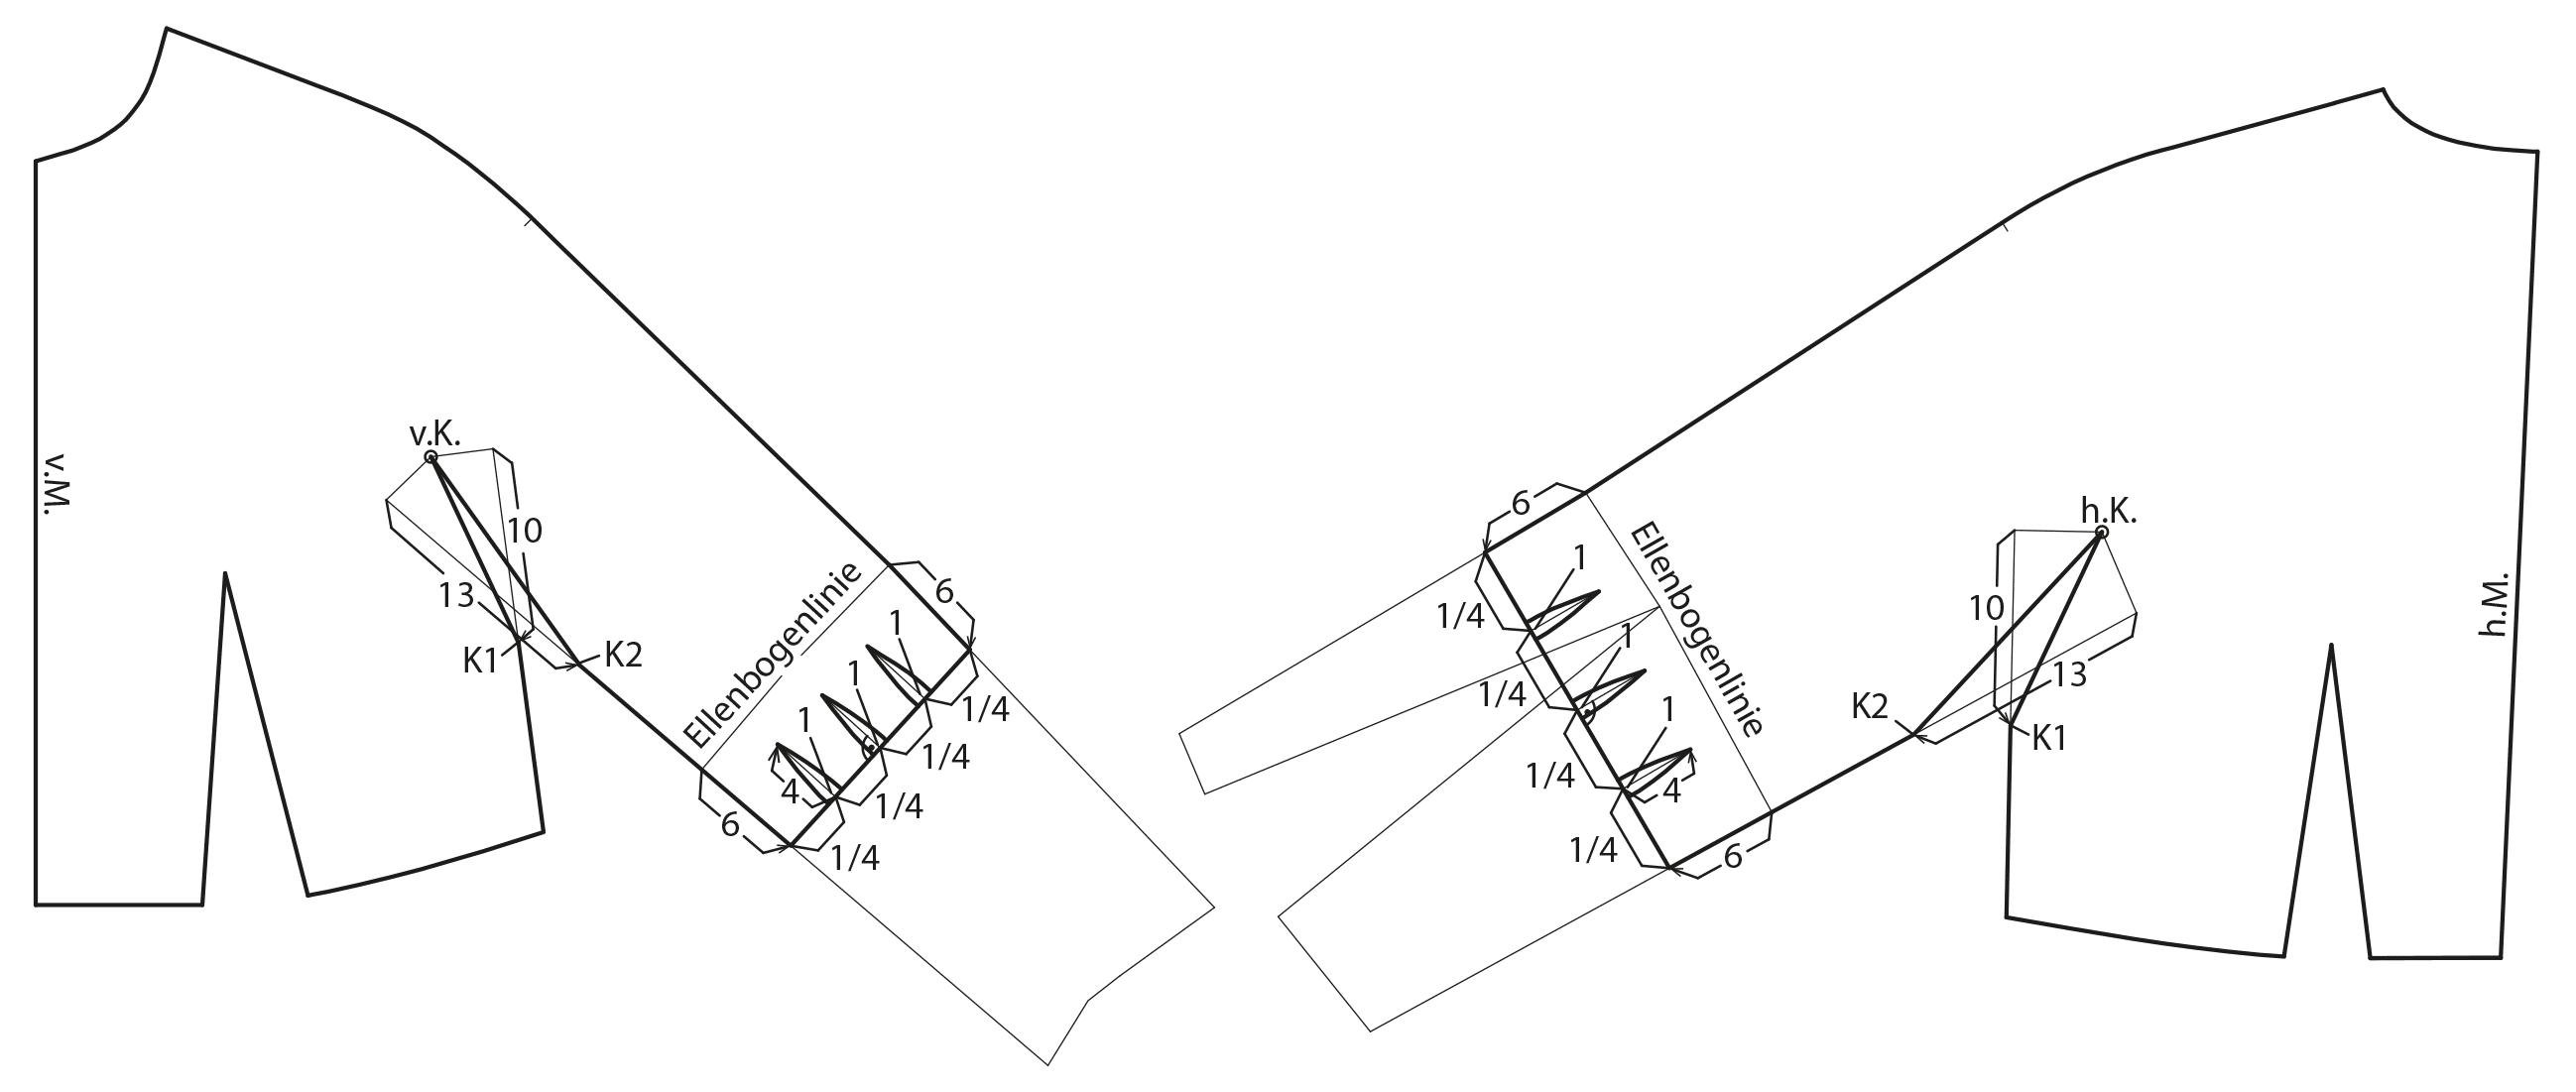 Schnittkonstruktion Vorbereitung Drachenkeil